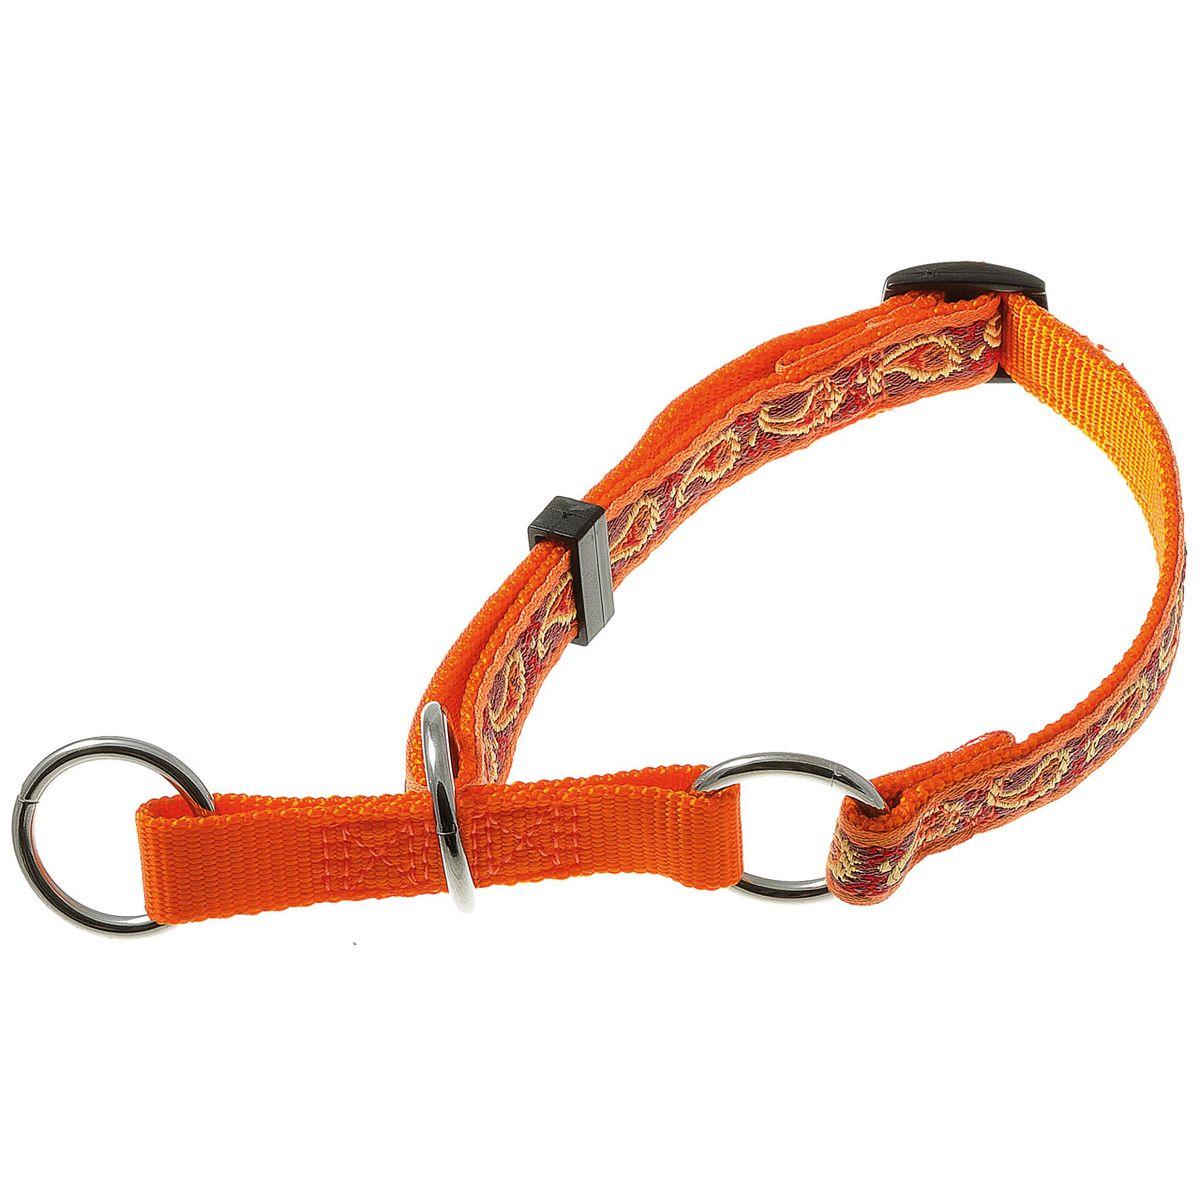 Ошейник для собак V.I.Pet, цвет: оранжевый, ширина 15 мм, обхват шеи 23-43 см0120710Удавкой V.I.Pet удобно пользоваться вместо рывковой цепочки, если собаке не требуется чрезмерно жестких воздействий - для коррекции поведения собаки и при спортивной дрессировке. Также ее можно использовать как обычный прогулочный ошейник.